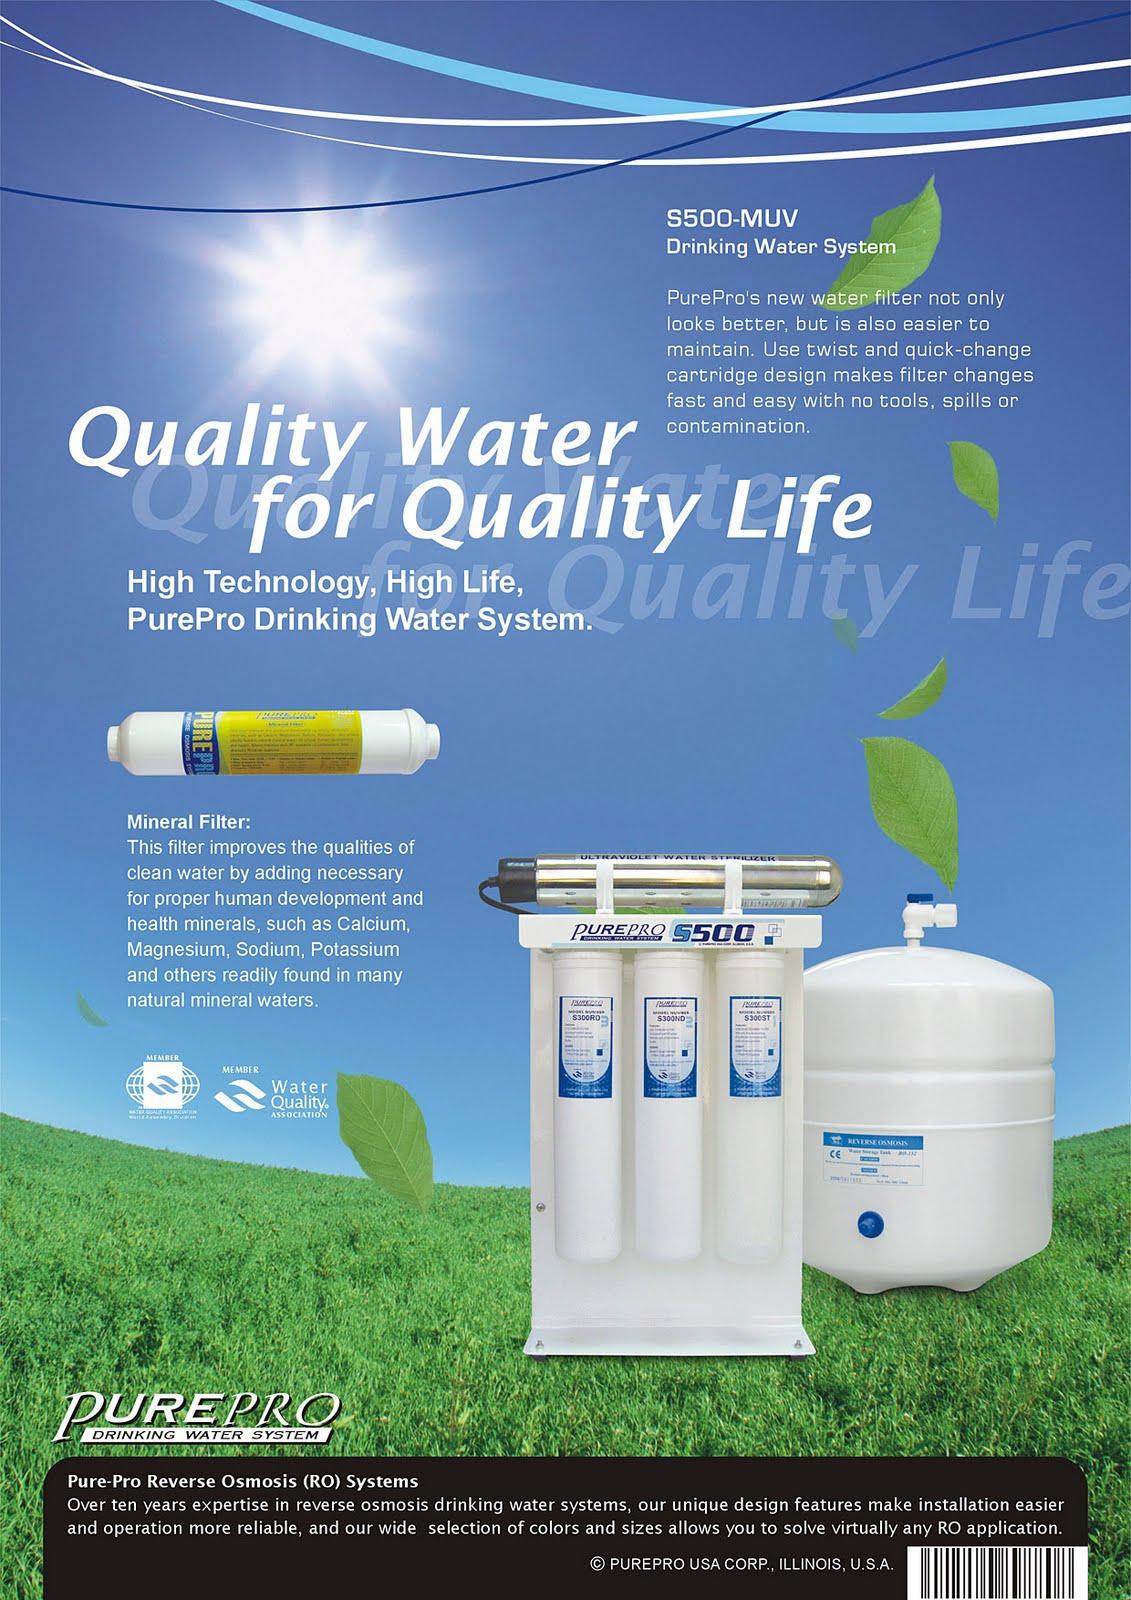 美國PurePro®紫外線RO淨水系統 S500-MUV 台灣總代理原廠公司貨